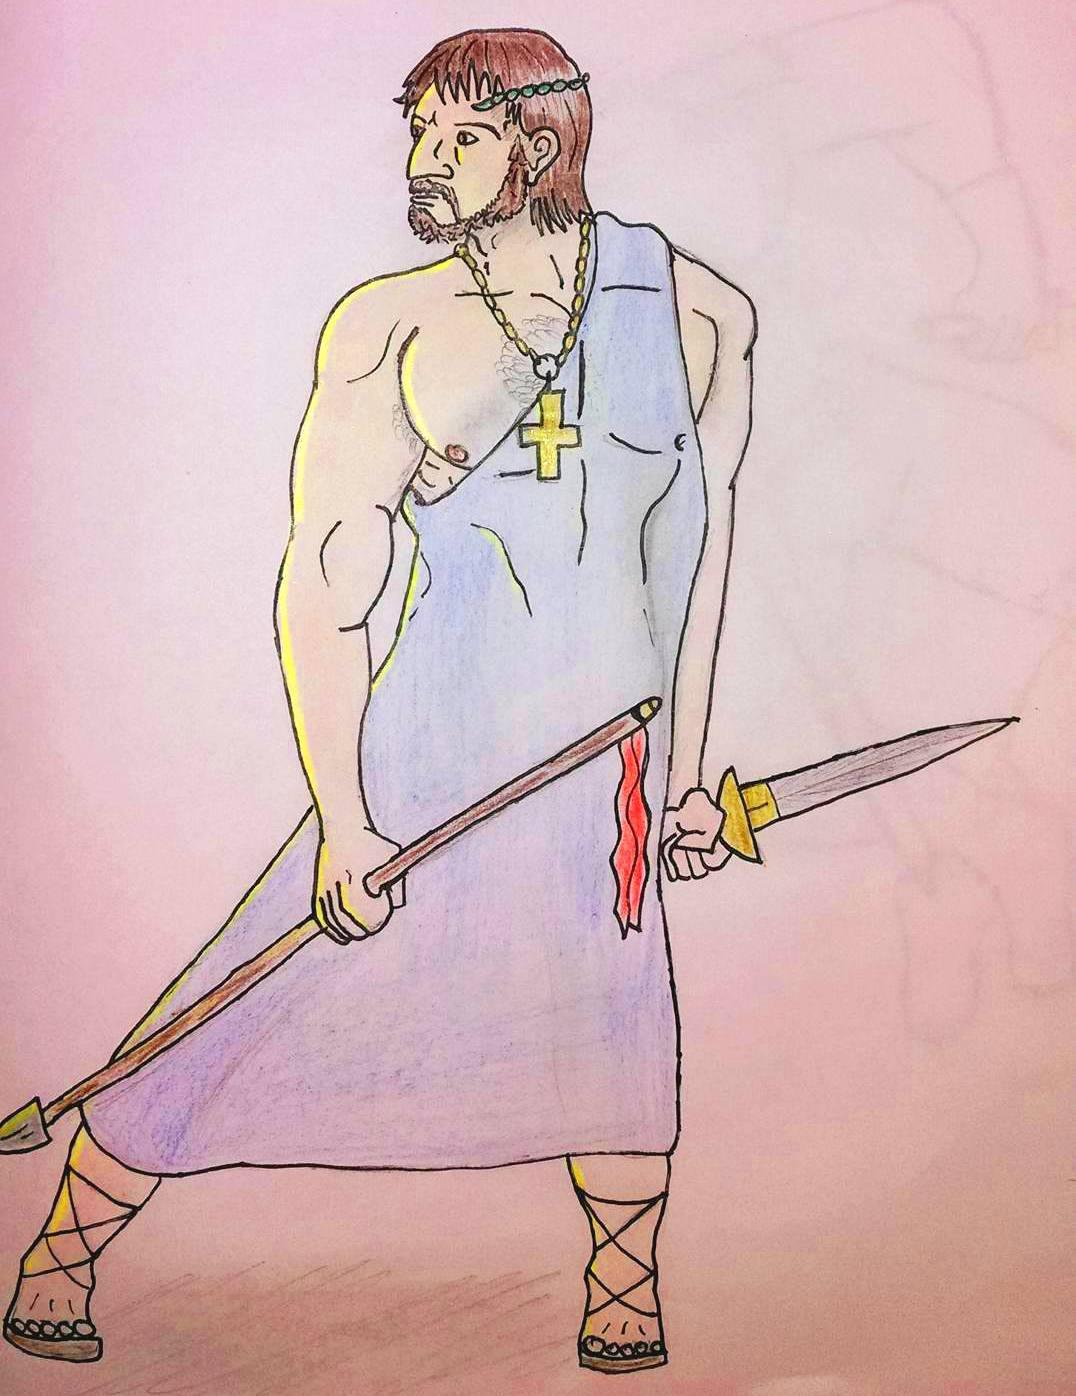 Shmitus Maximus